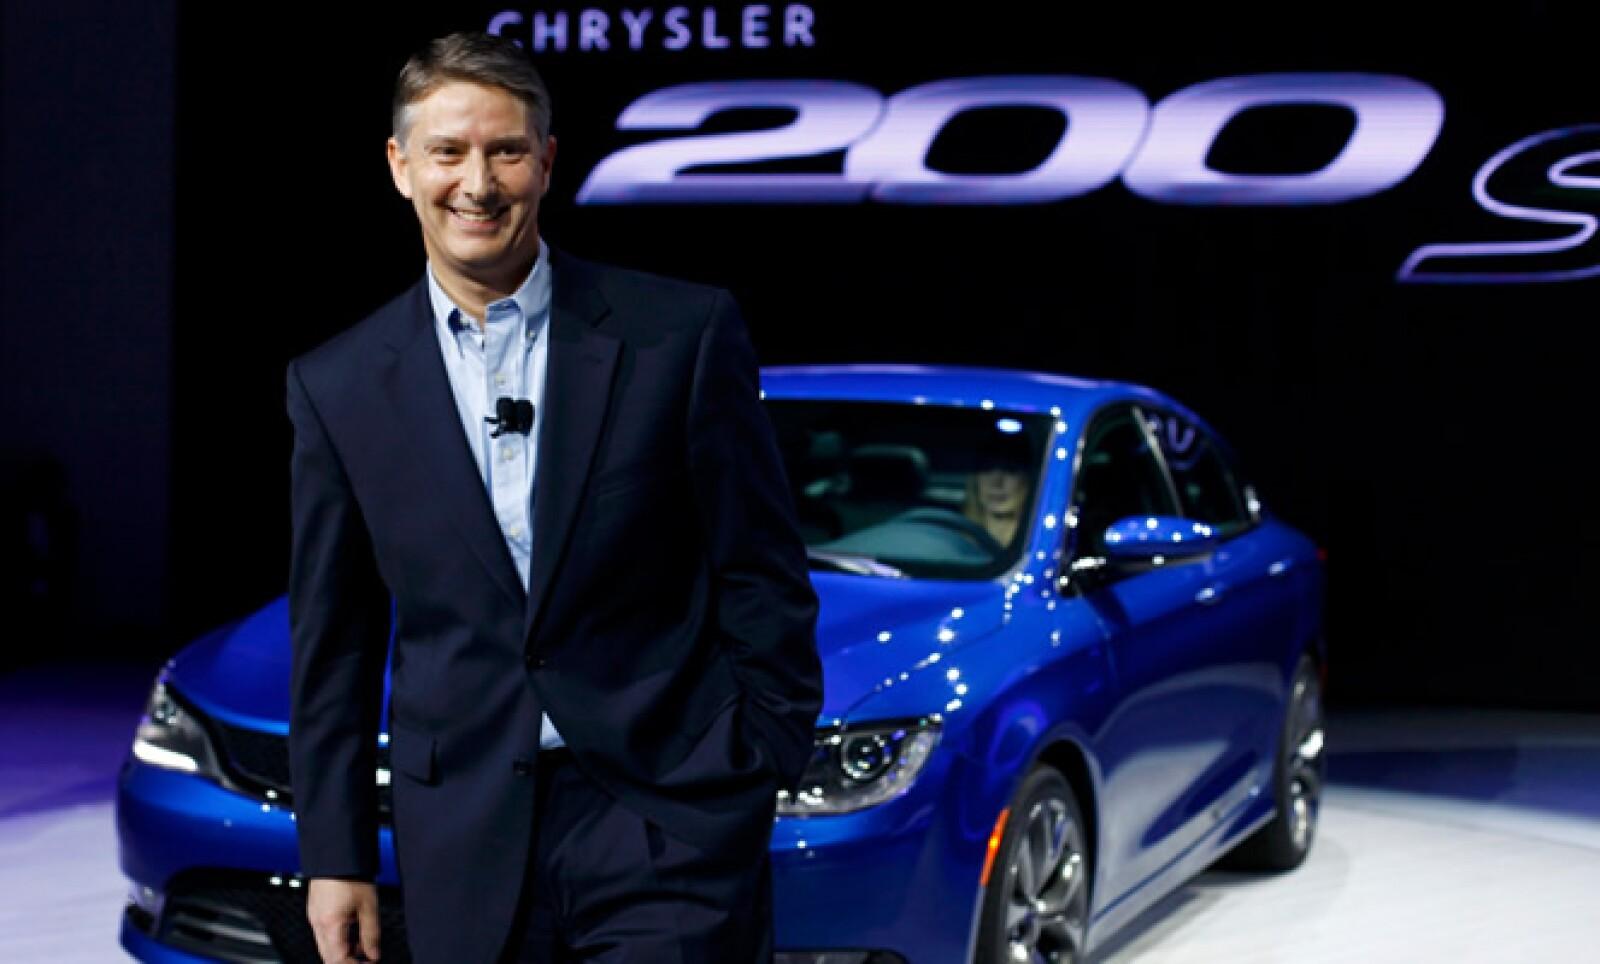 Al Gardner asistió a su primer Auto Show de Detroit  como líder de Chrysler, y a solo un mes de haber ocupado el cargo, reemplazando a Saad Chehab.